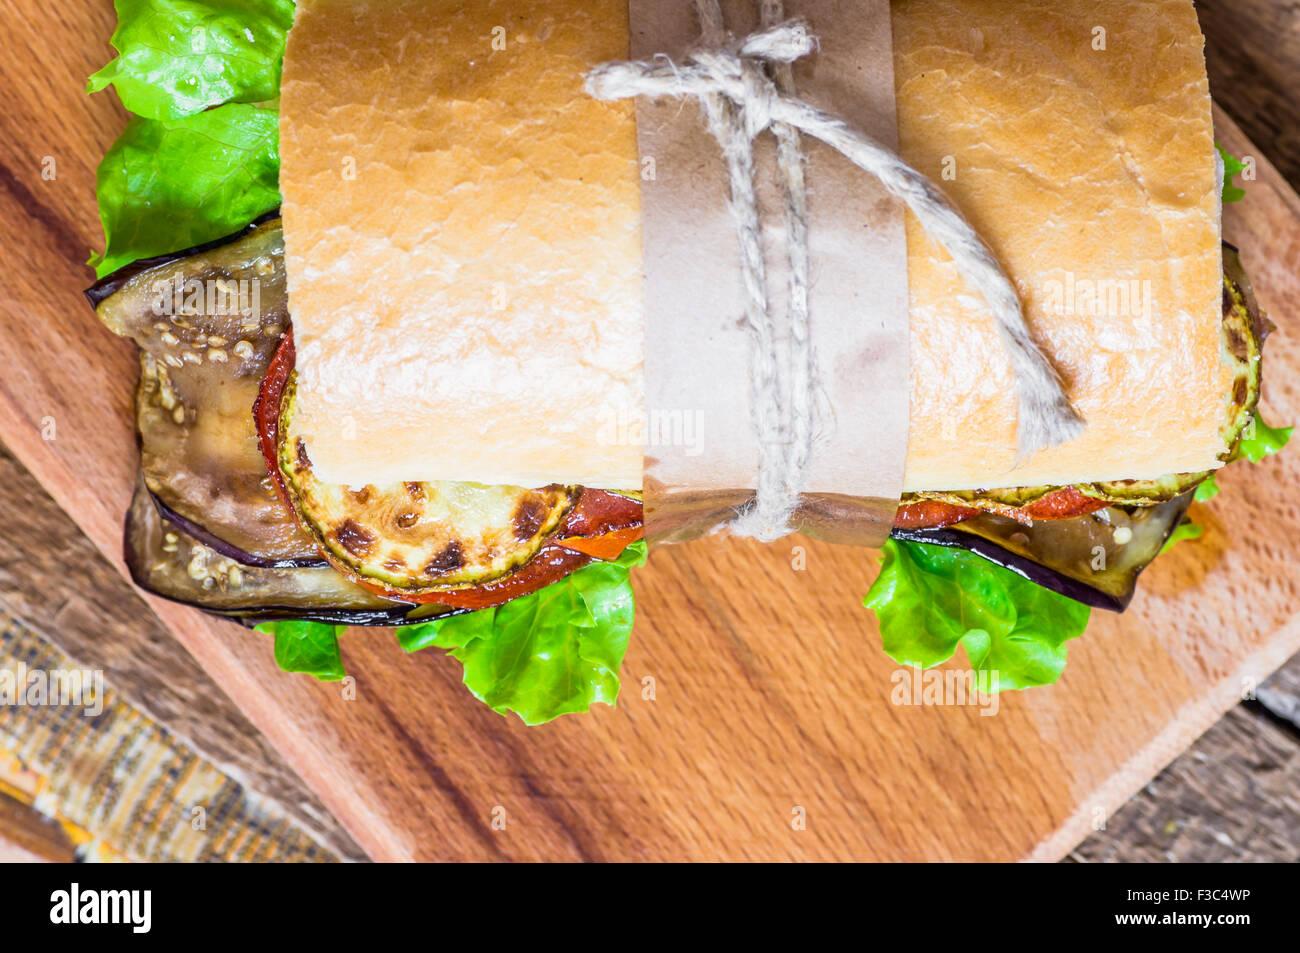 Pflanzliche vegetarische Sandwich mit Salat, Zucchini, Auberginen und Tomaten Stockbild